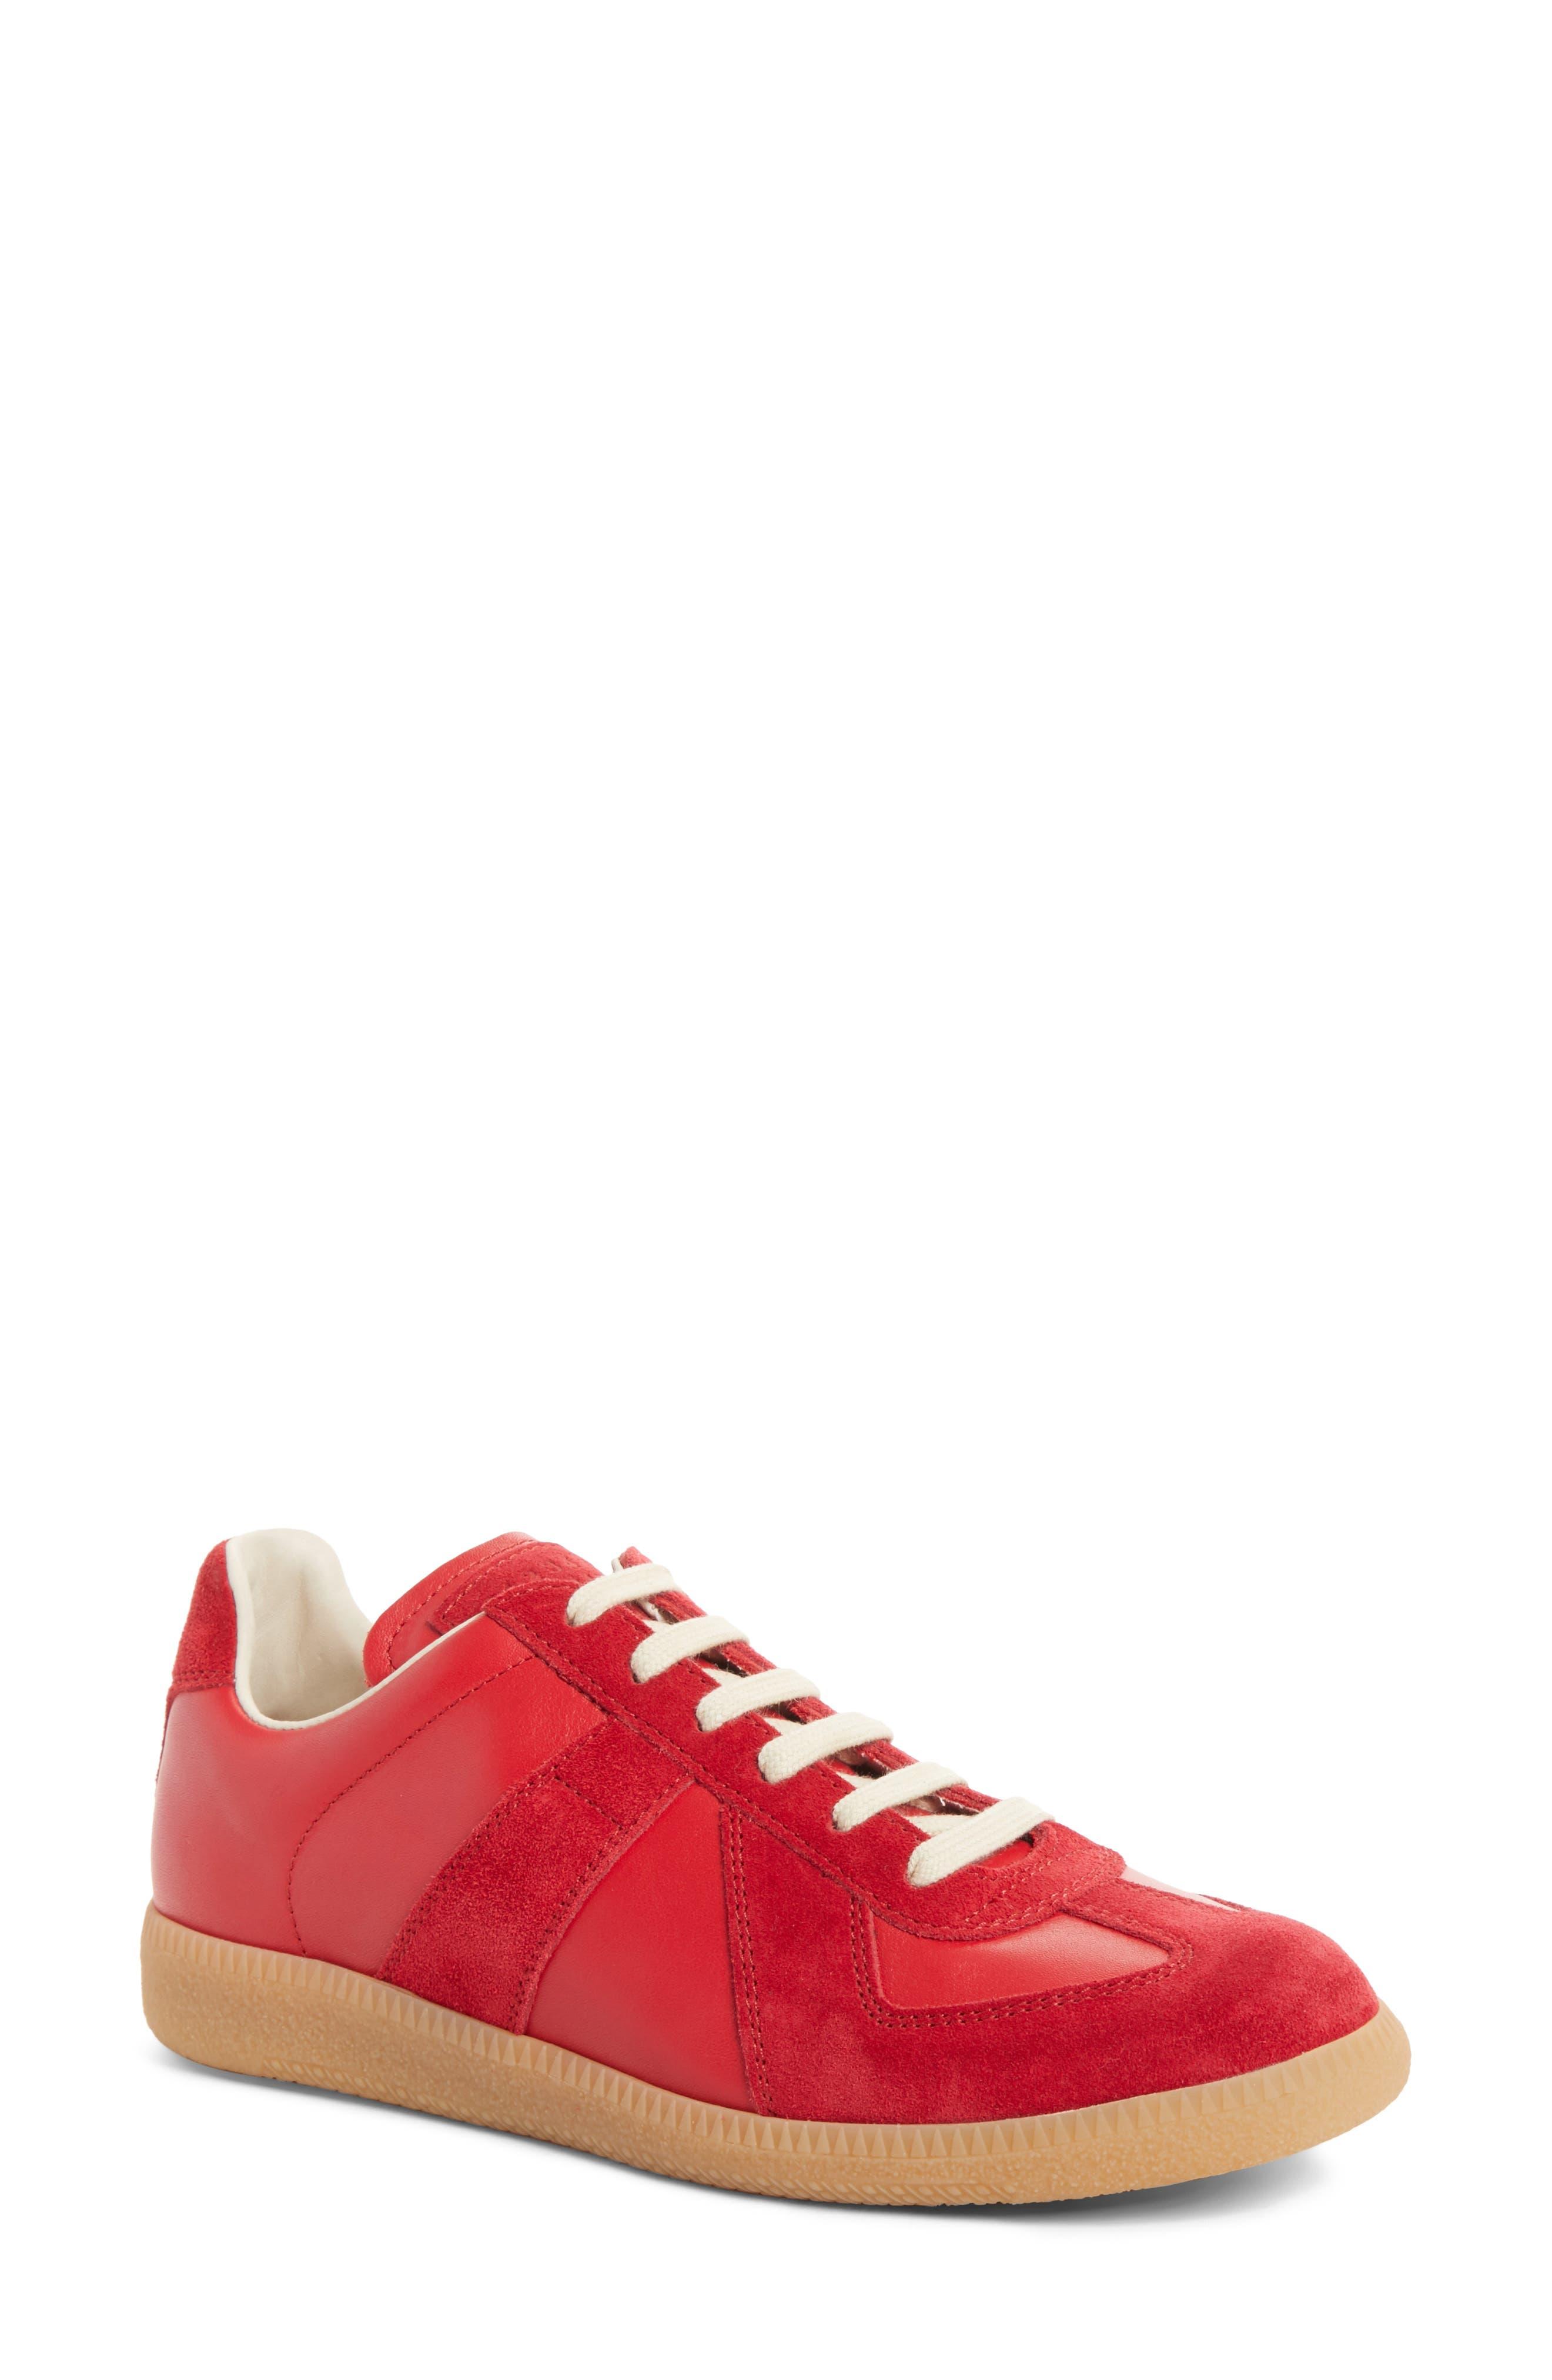 Replica Sneaker,                             Main thumbnail 1, color,                             Red/Amber